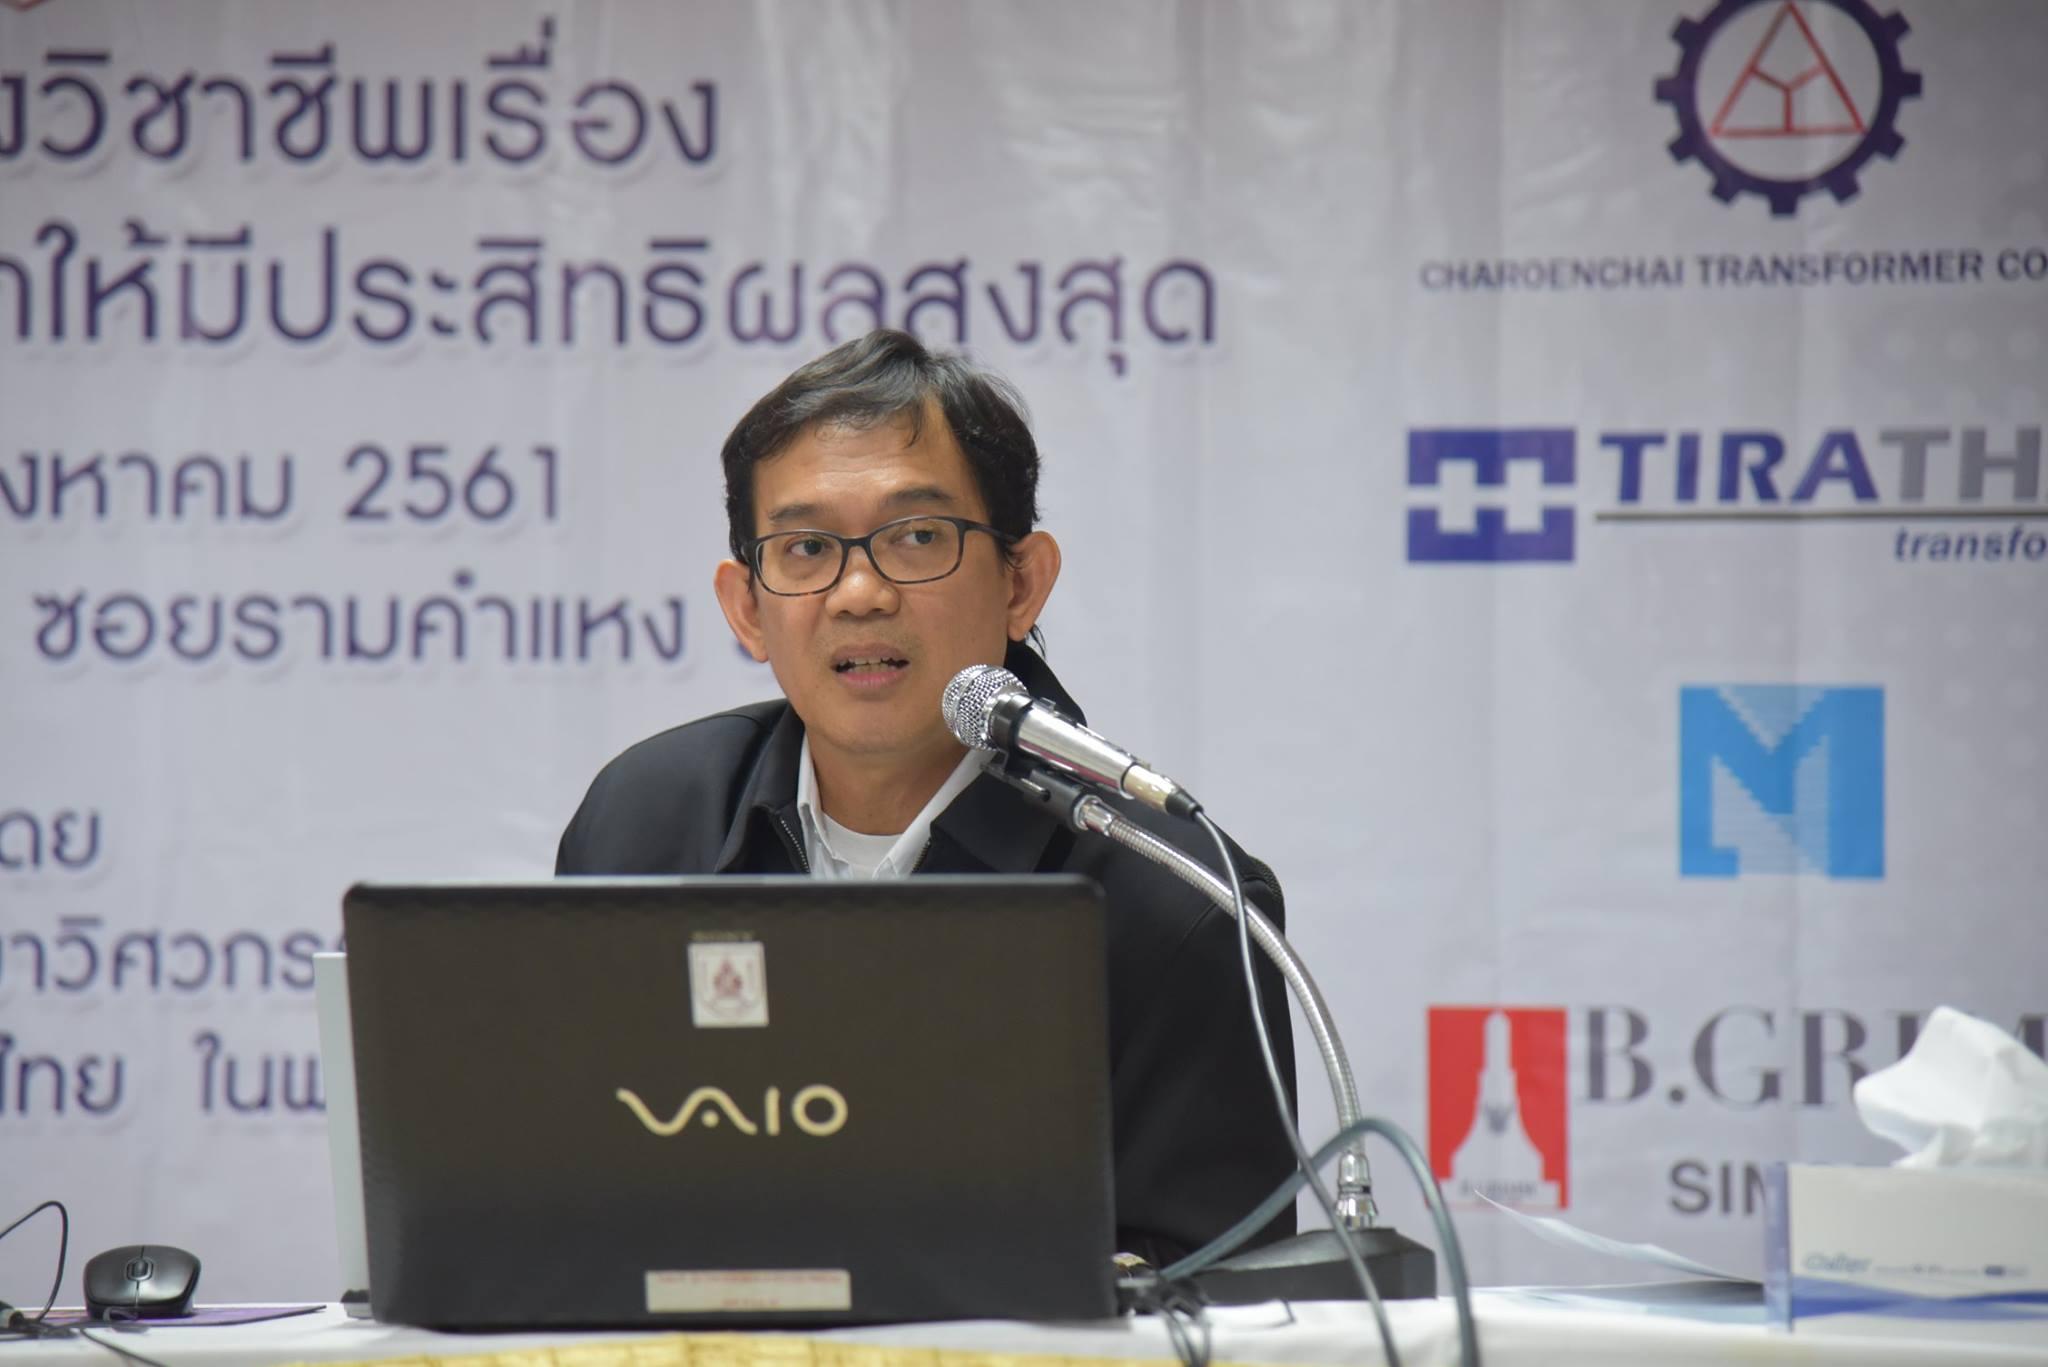 การอบรมหลักสูตรการใช้หม้อแปลงไฟฟ้าให้มีประสิทธิผลสูงสุด จัดโดยคณะกรรมการสาขาวิศวกรรมไฟฟ้า วิศวกรรมสถานแห่งประเทศไทยฯ ระหว่างวันที่ 7-8 สิงหาคม 2561 ที่ได้รับเกียรติจากคณะวิทยากรผู้เชี่ยวชาญจำนวนถึง 11 ท่าน